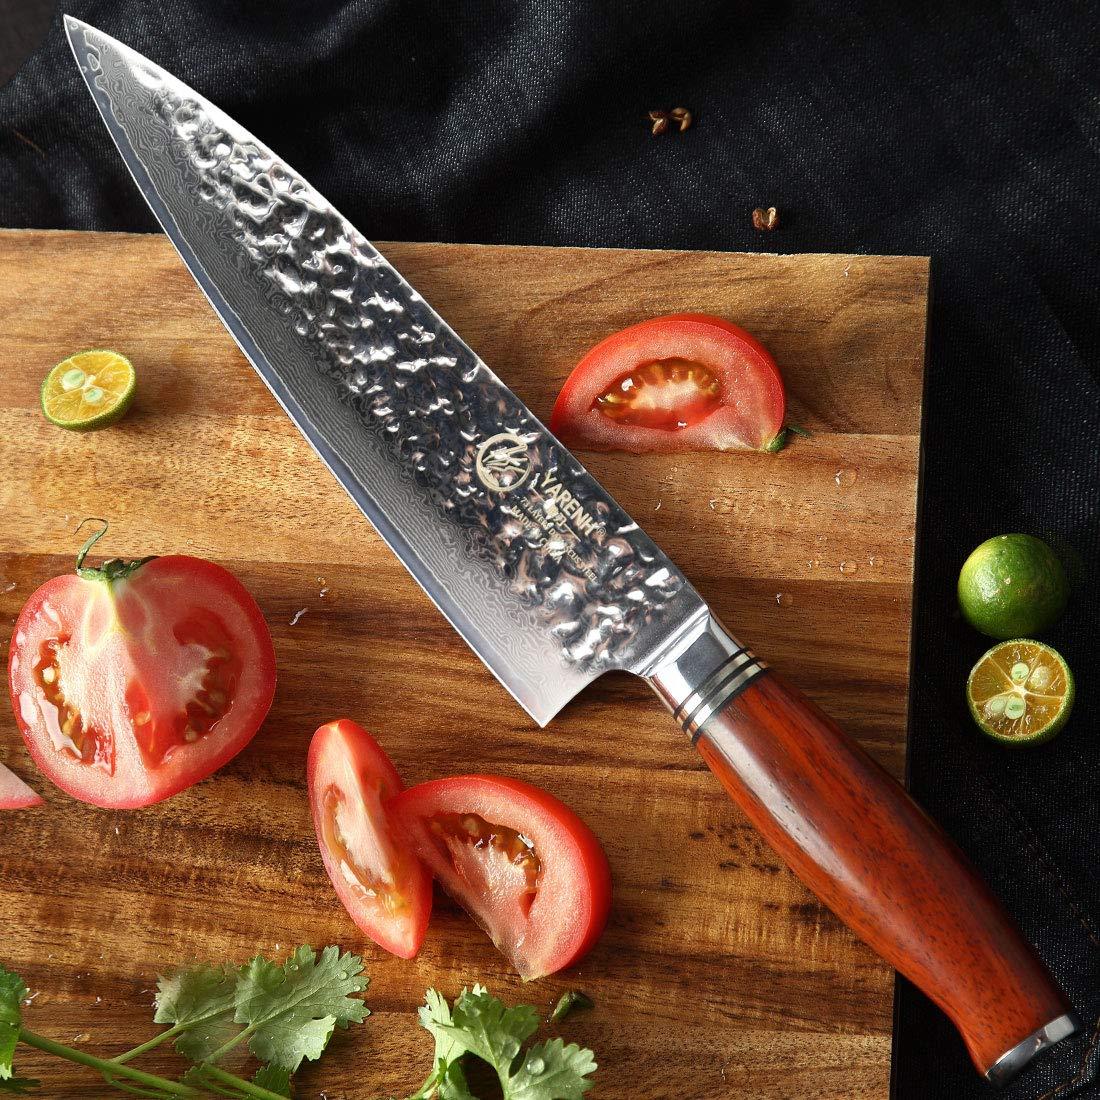 YARENH Cuchillos de Cocina Profesionales de 20 cm,Cuchillos Masterchef de Acero de Japones Damasco,Mango de Madera Dalbergia,Cuchillo de Chef Ultra ...